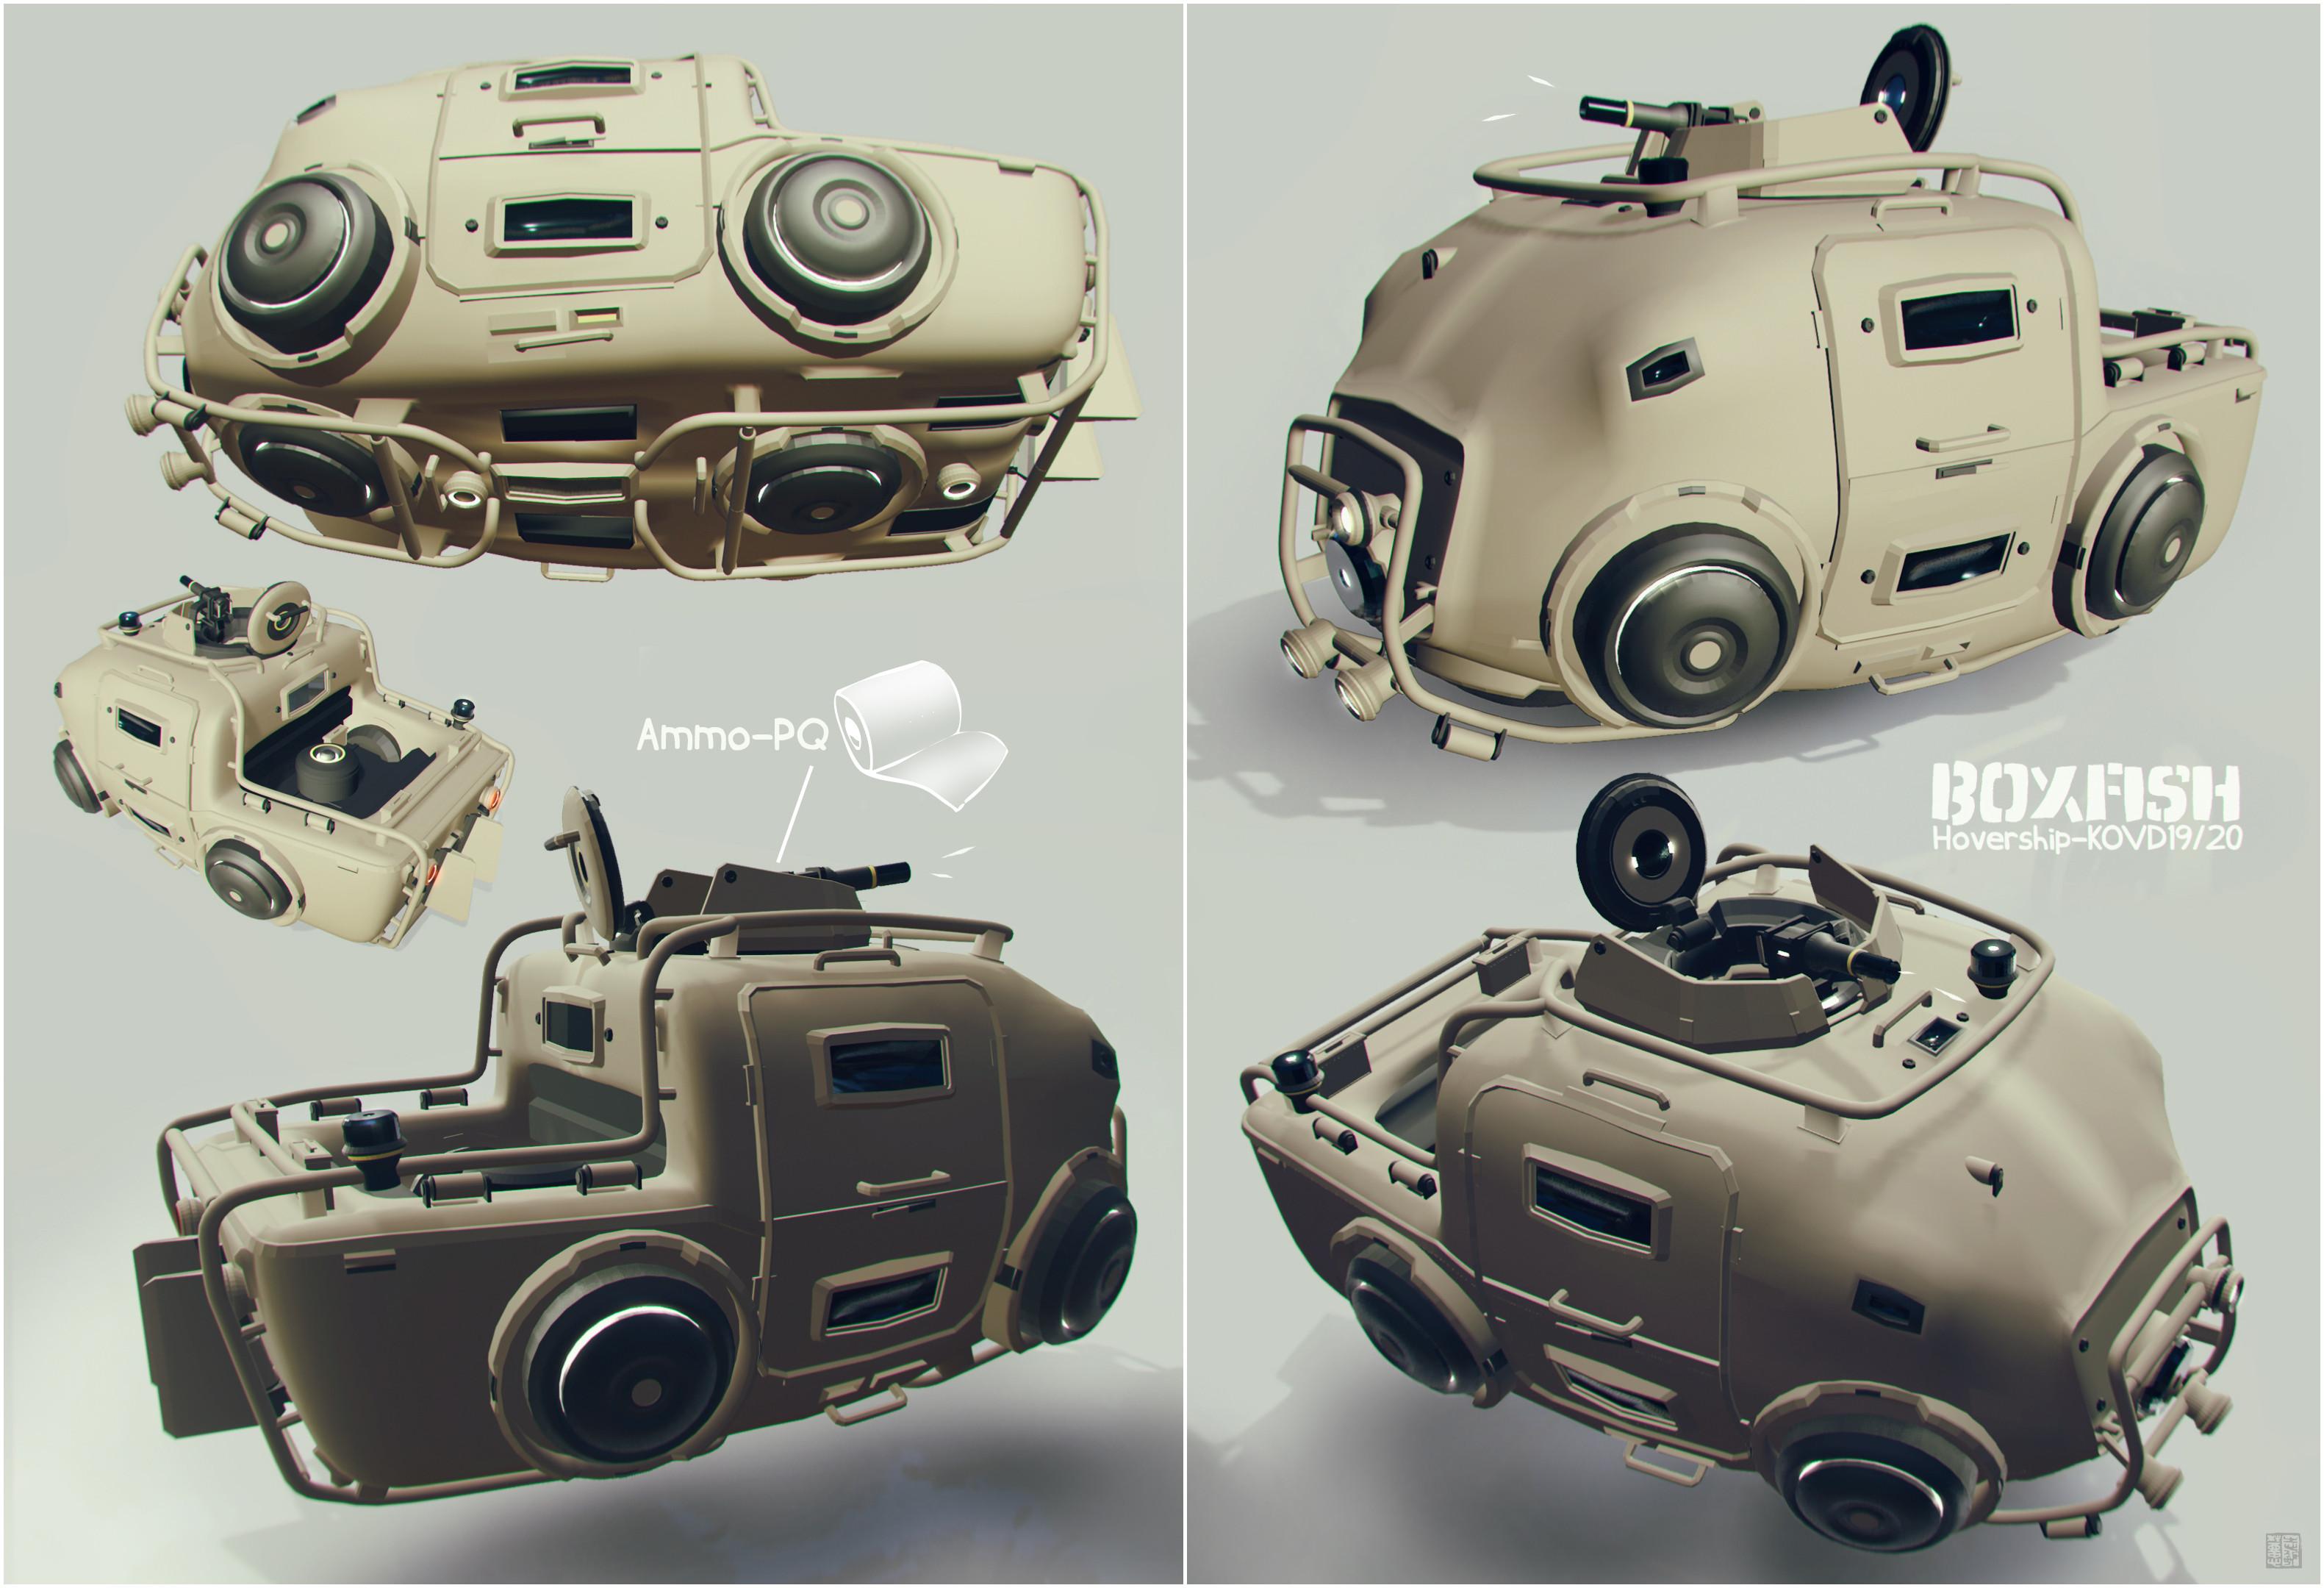 Boxfish style armored hovership :)